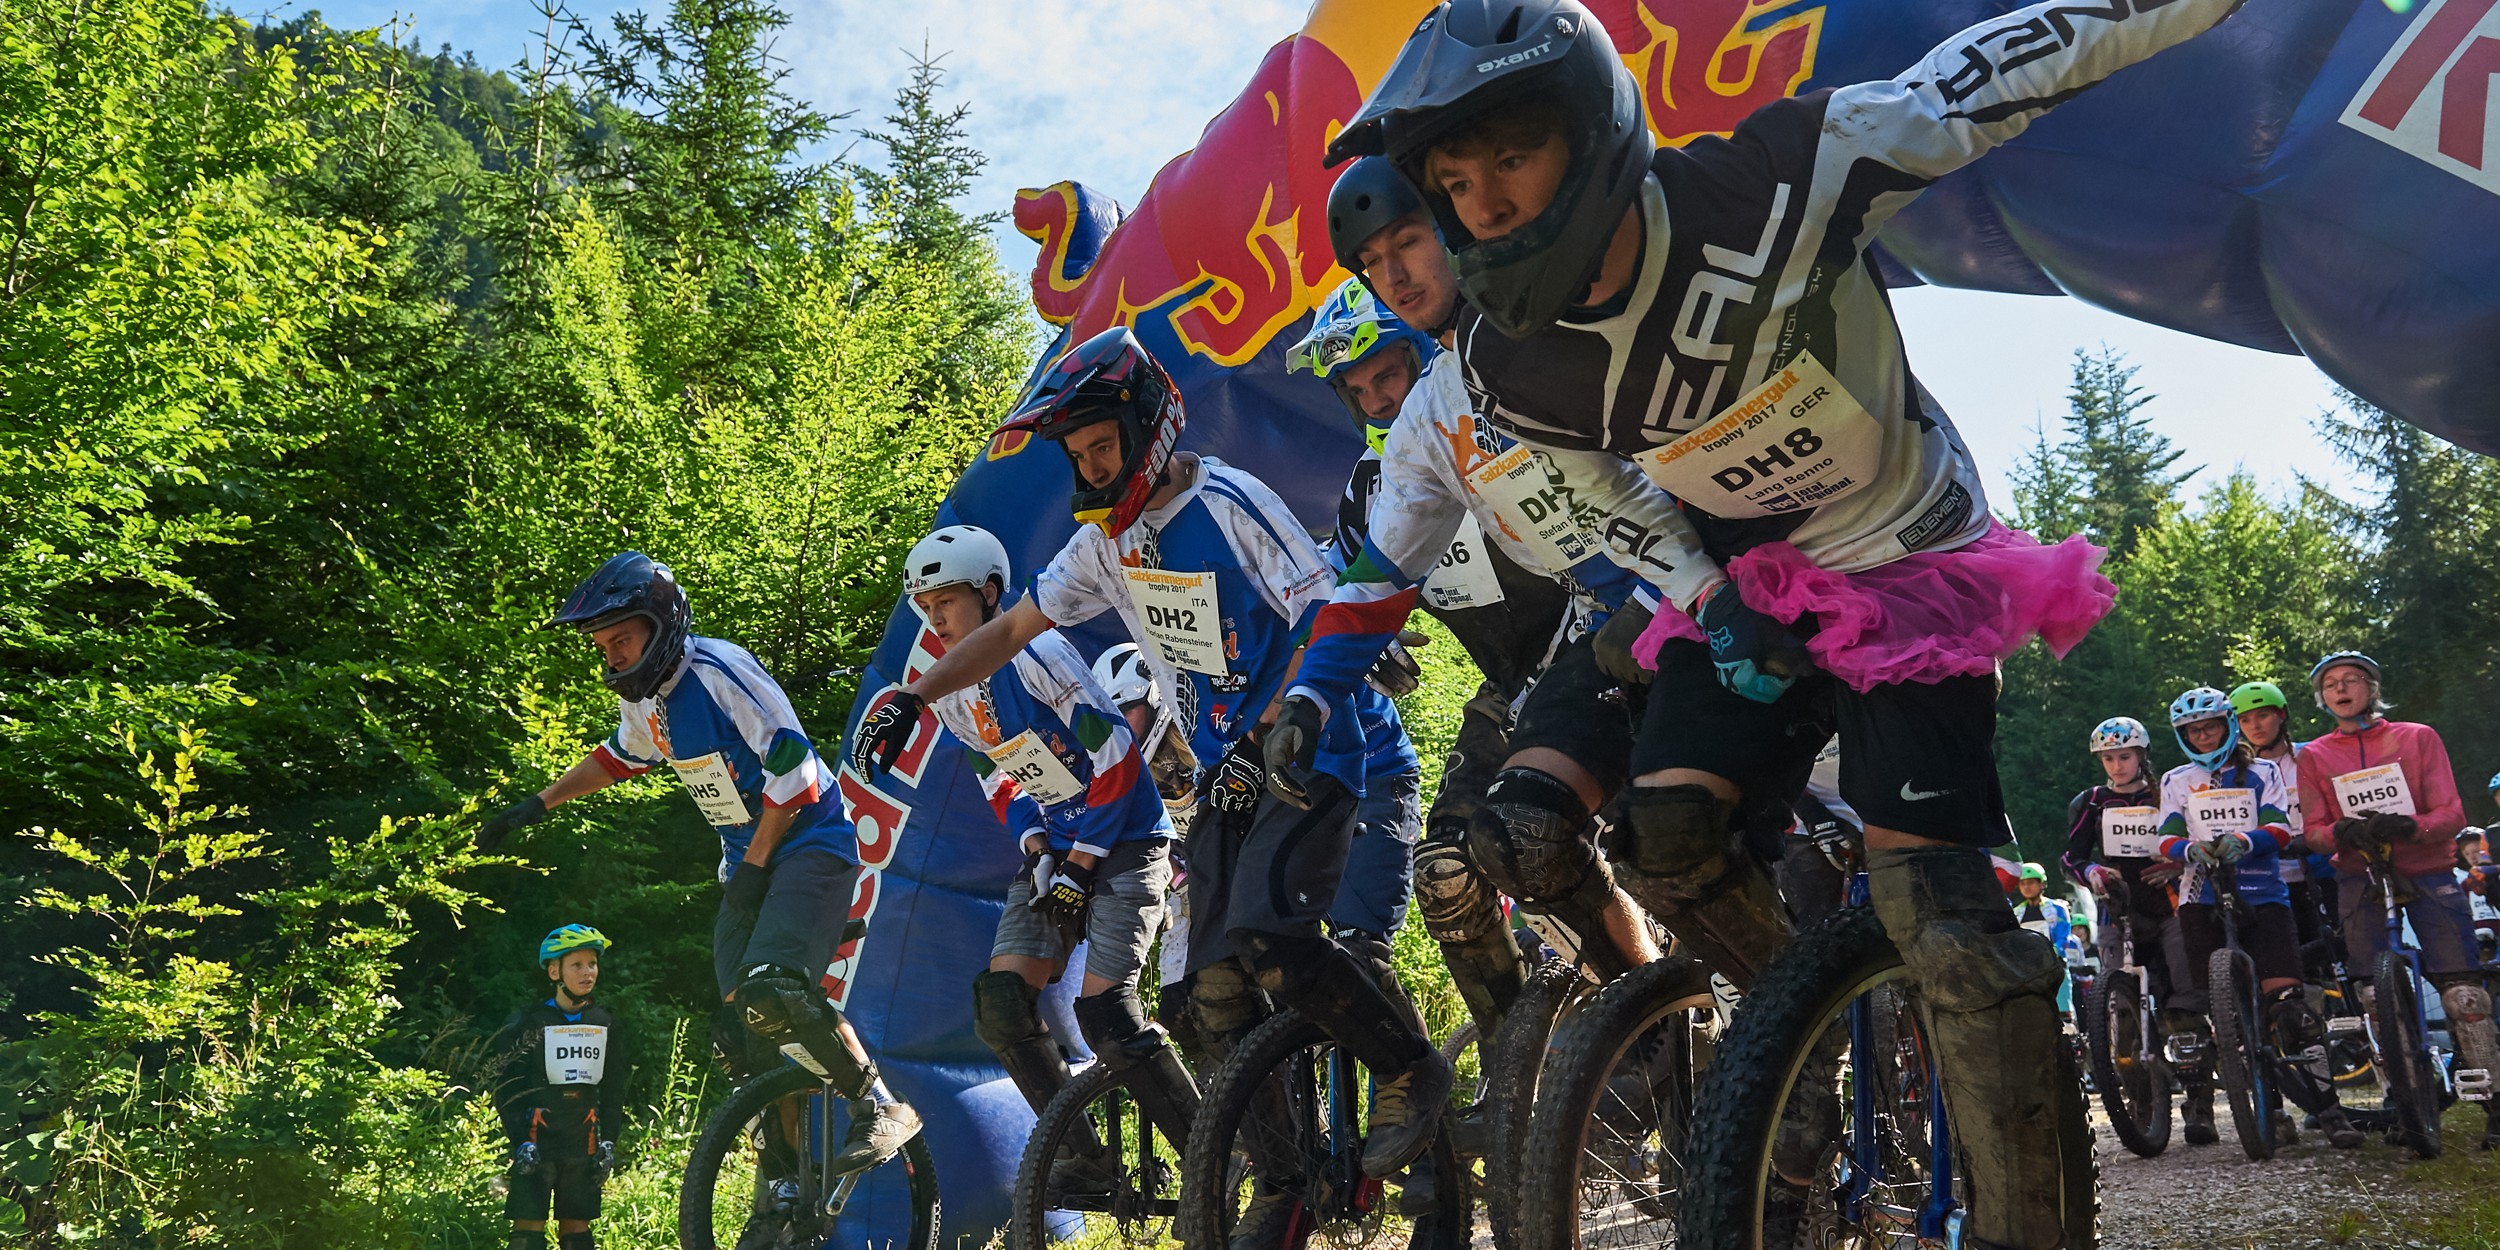 Salzkammergut Trophy Einrad Downhill 2017